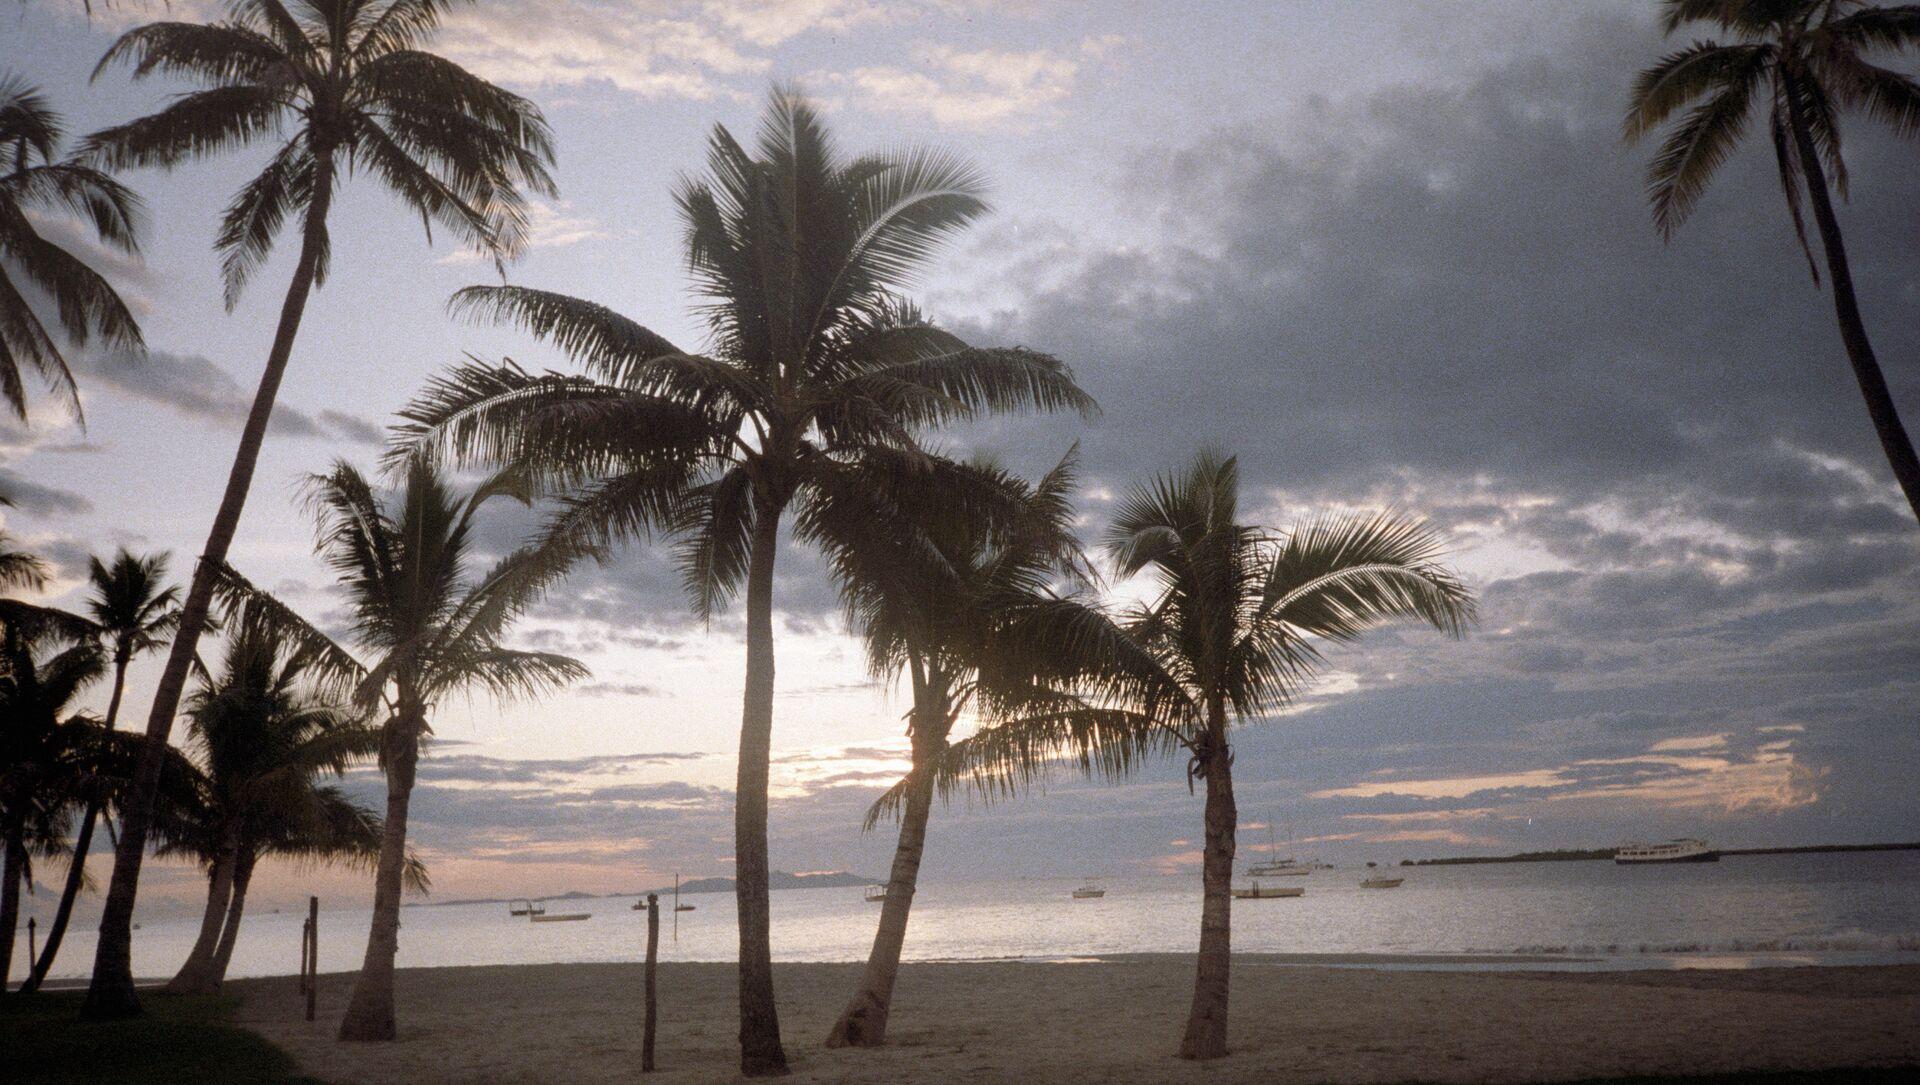 Фиджи. Песчаный пляж на острове Виту-Леви - Sputnik Грузия, 1920, 11.07.2021